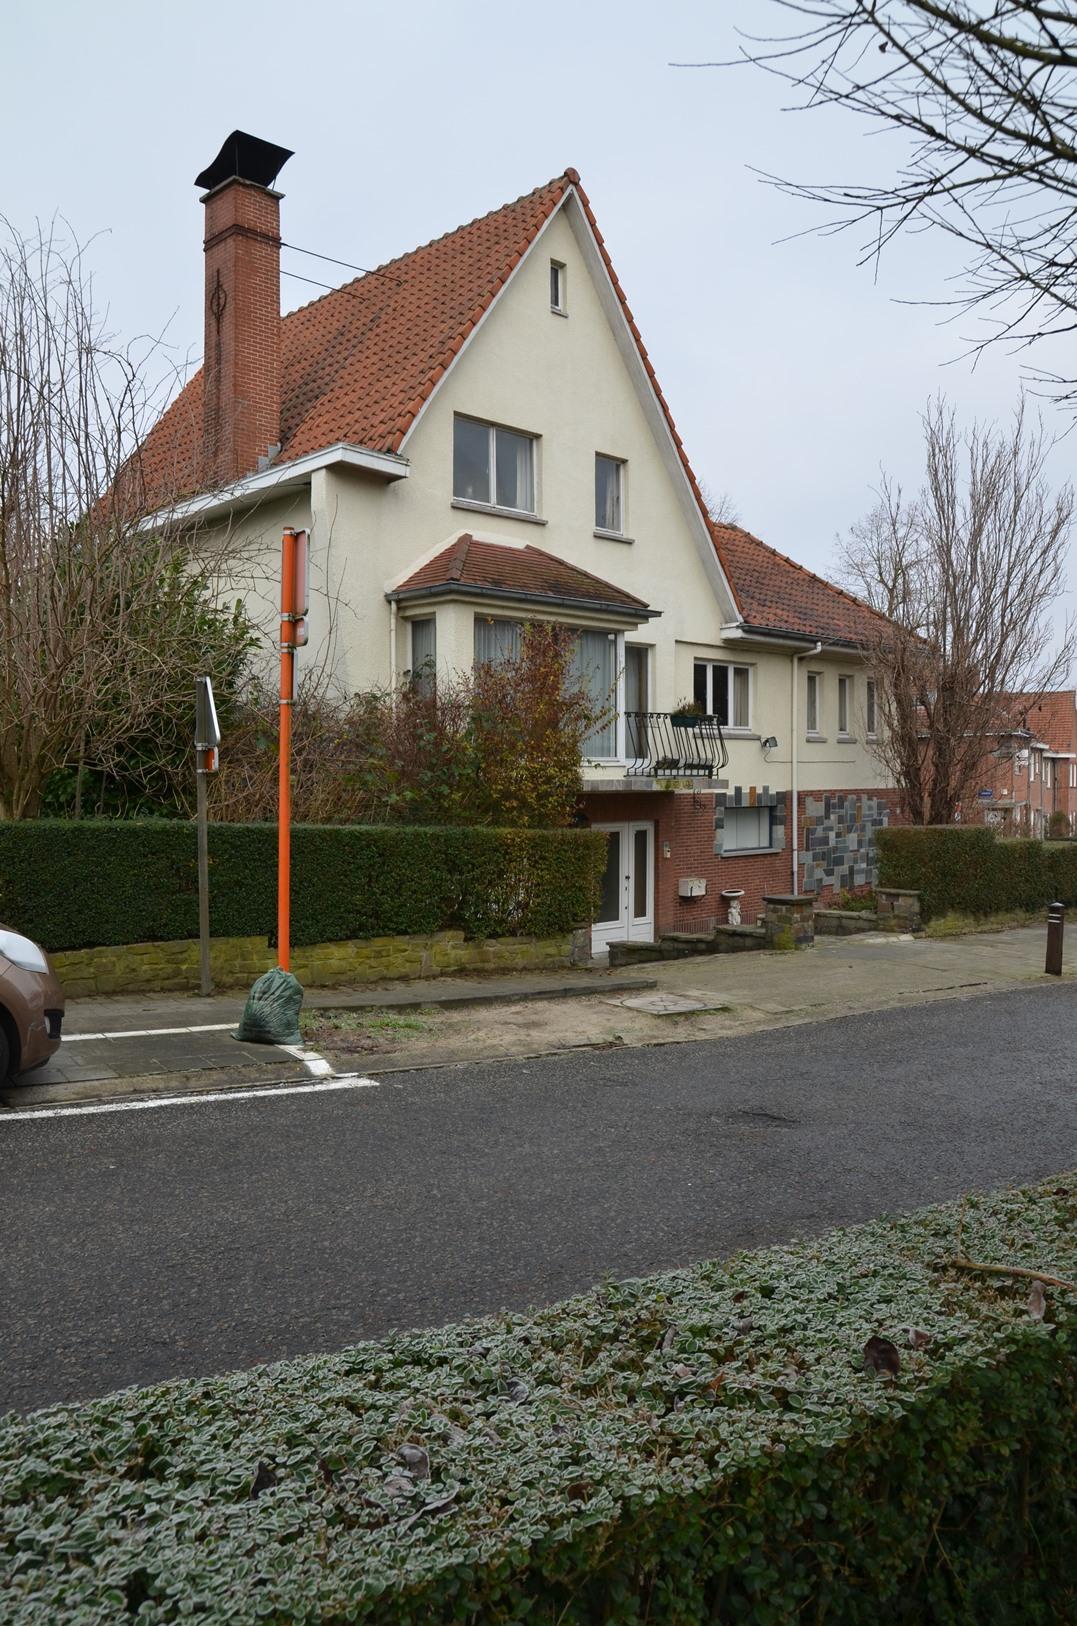 Rue du Kriekenput 71A